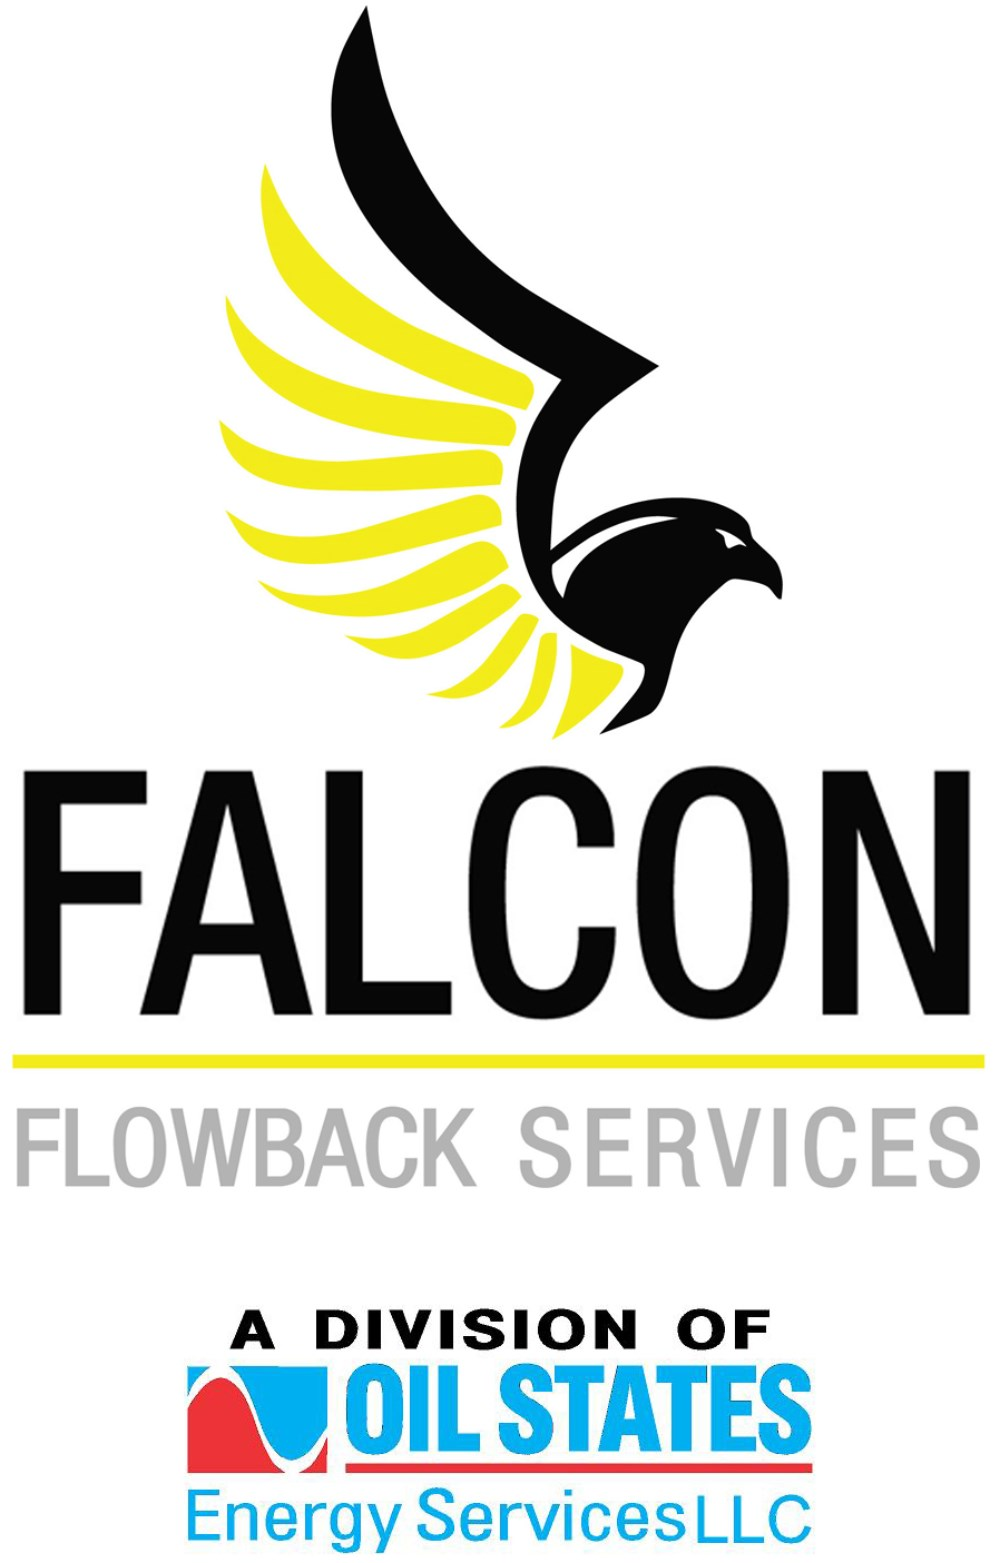 Erick flowback services pa